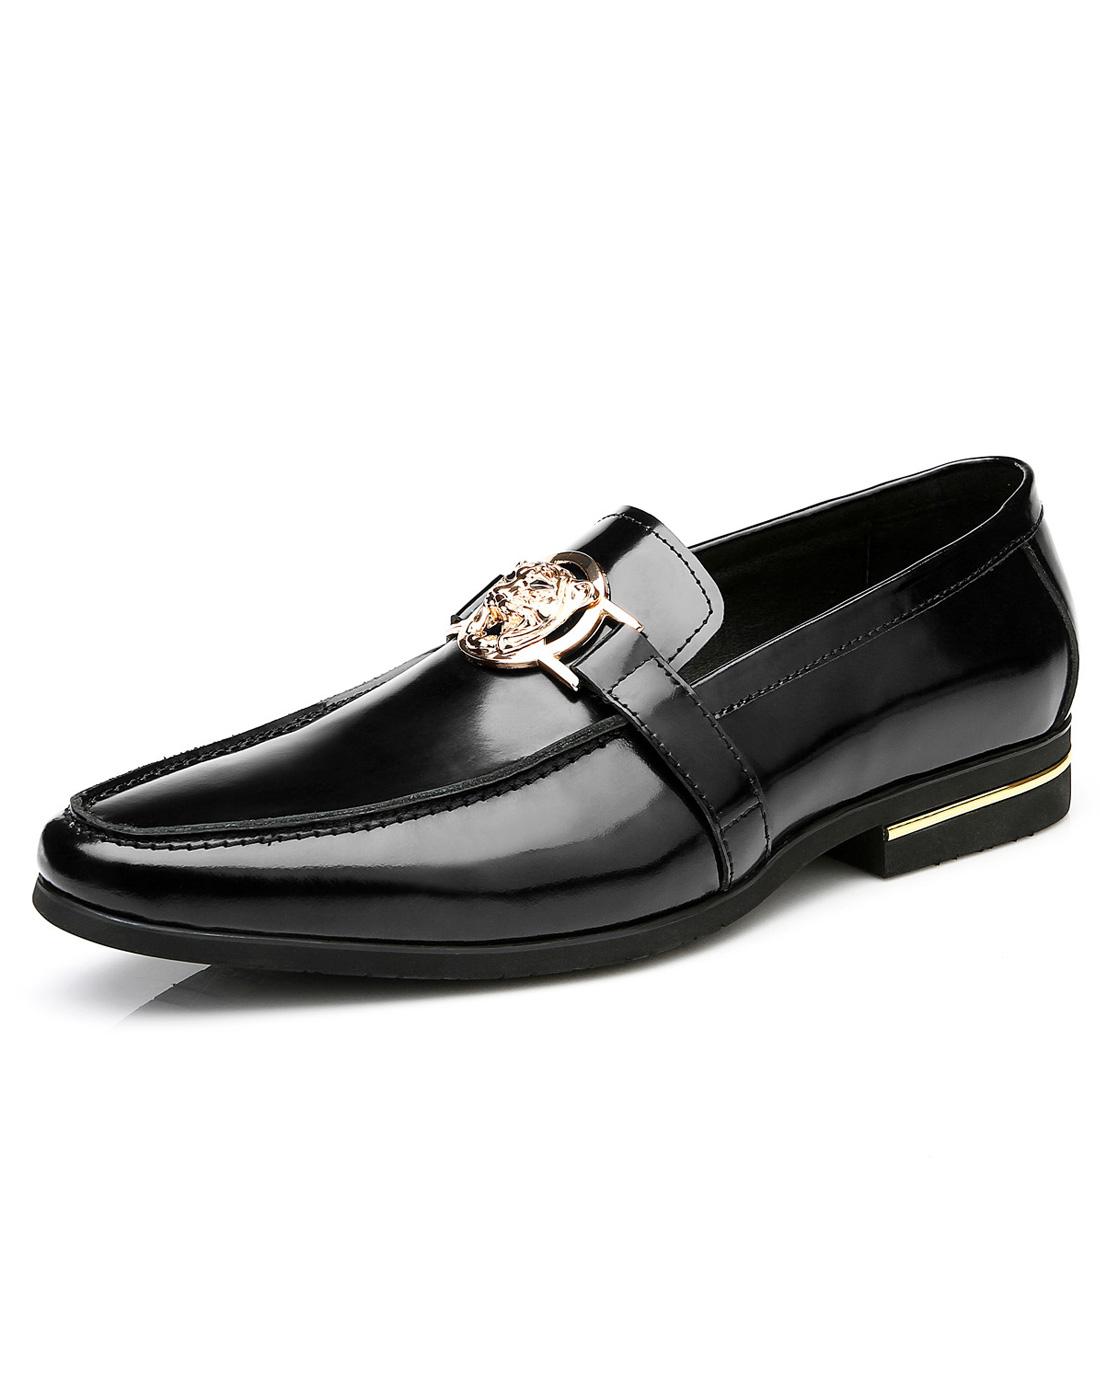 欧伦堡olunpo鞋子专场黑色韩版正装男鞋qlxs1218-01